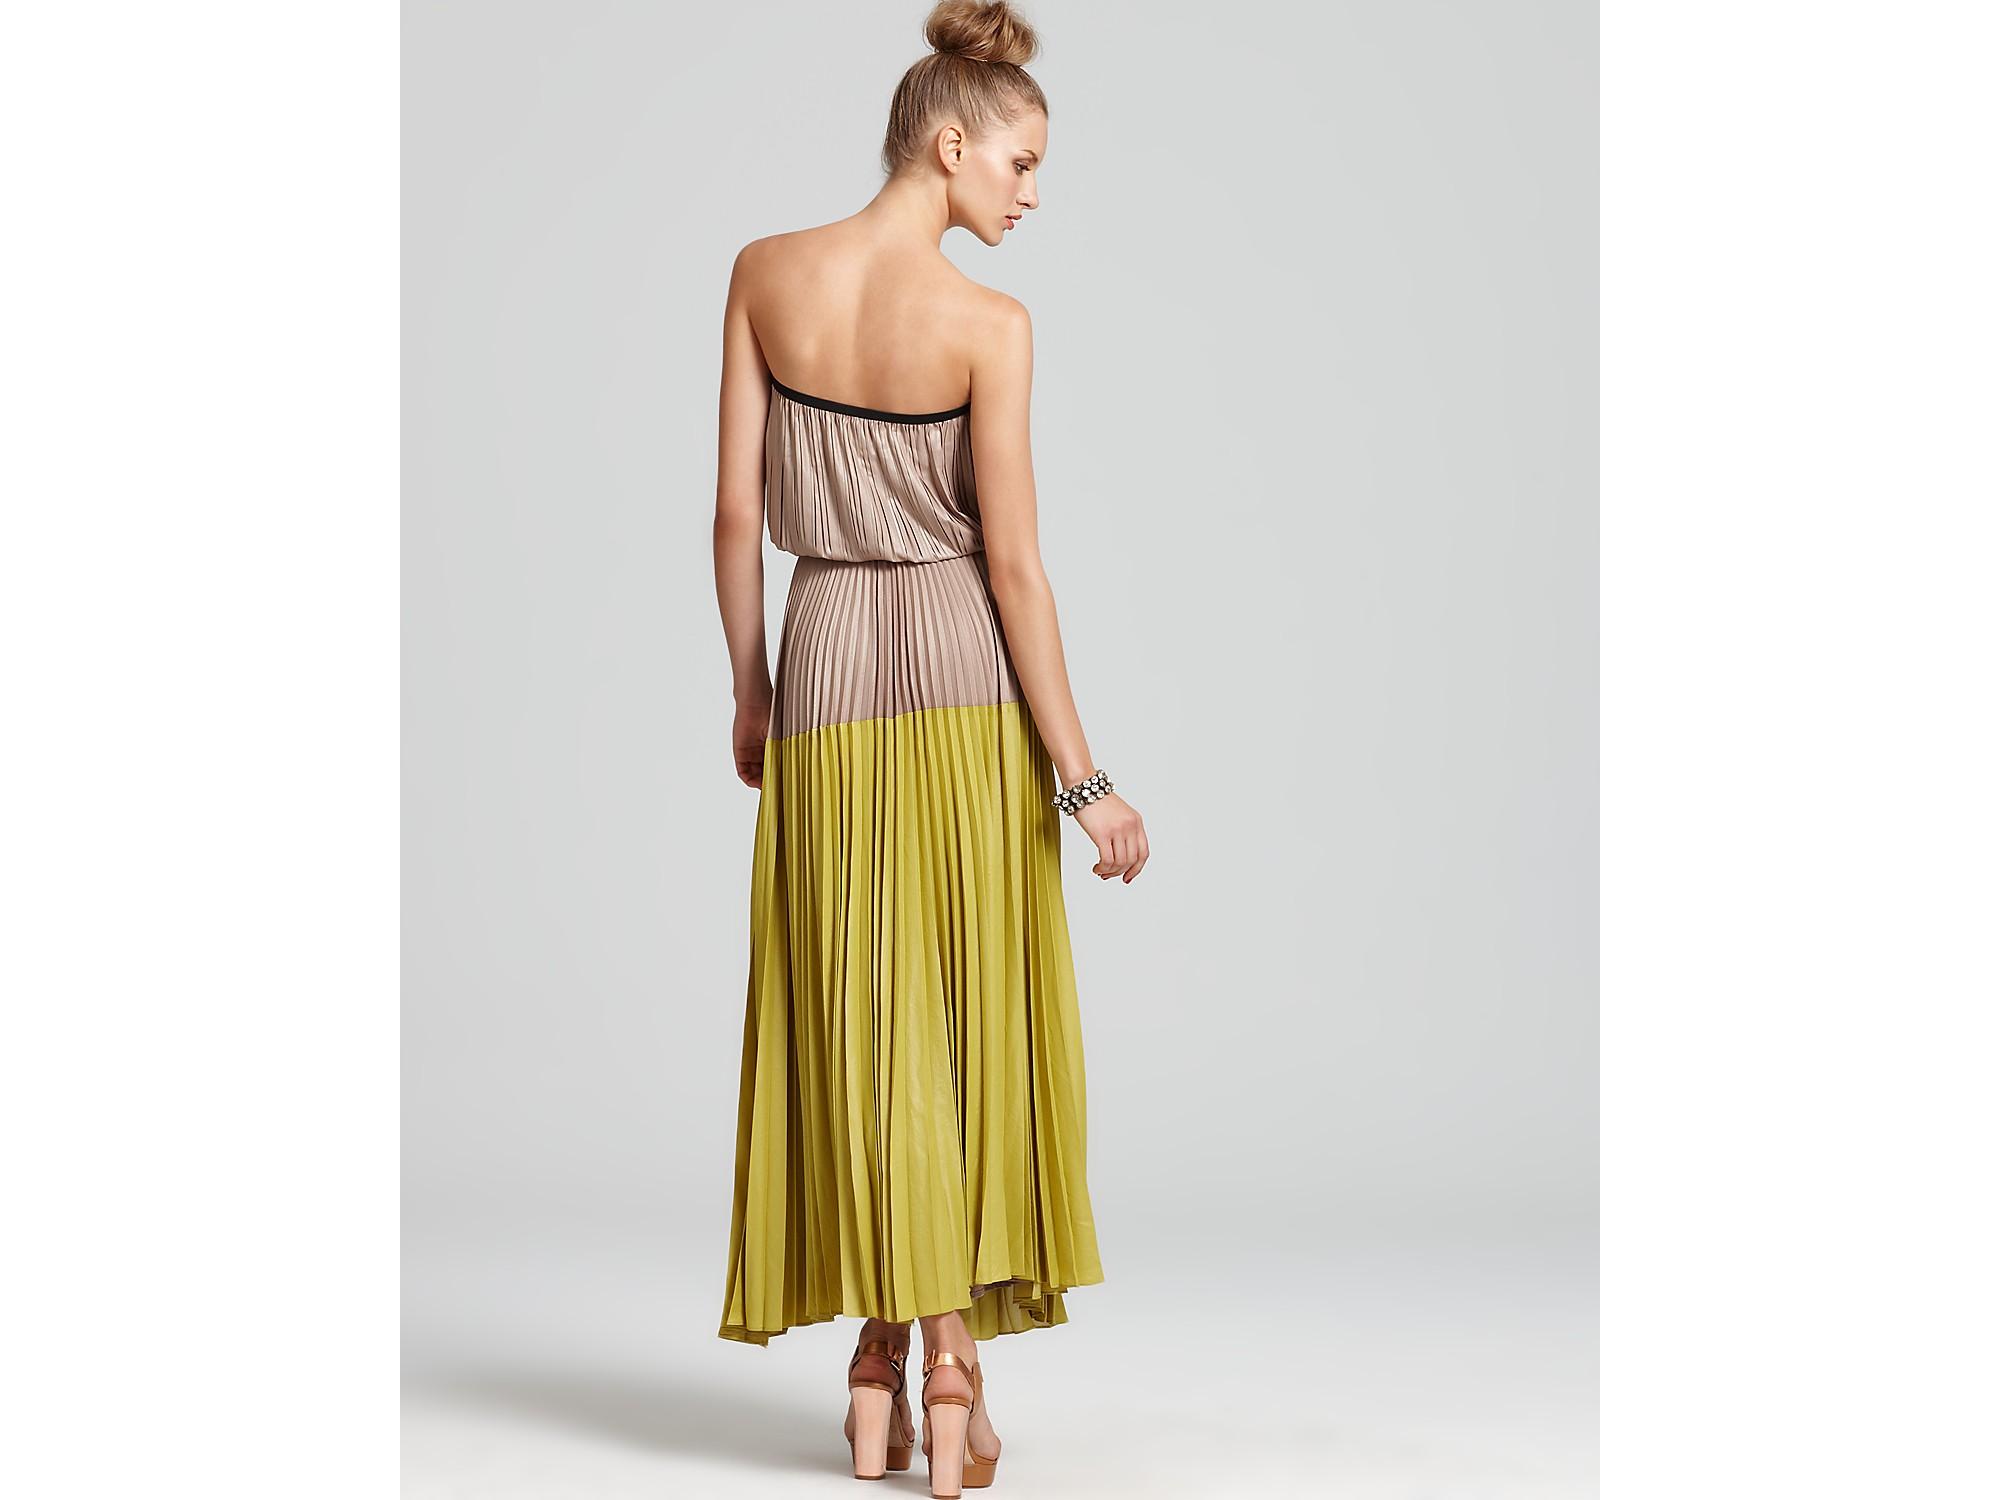 905ff9c7e16 BCBGMAXAZRIA Pleated Ombre Maxi Dress in Yellow - Lyst